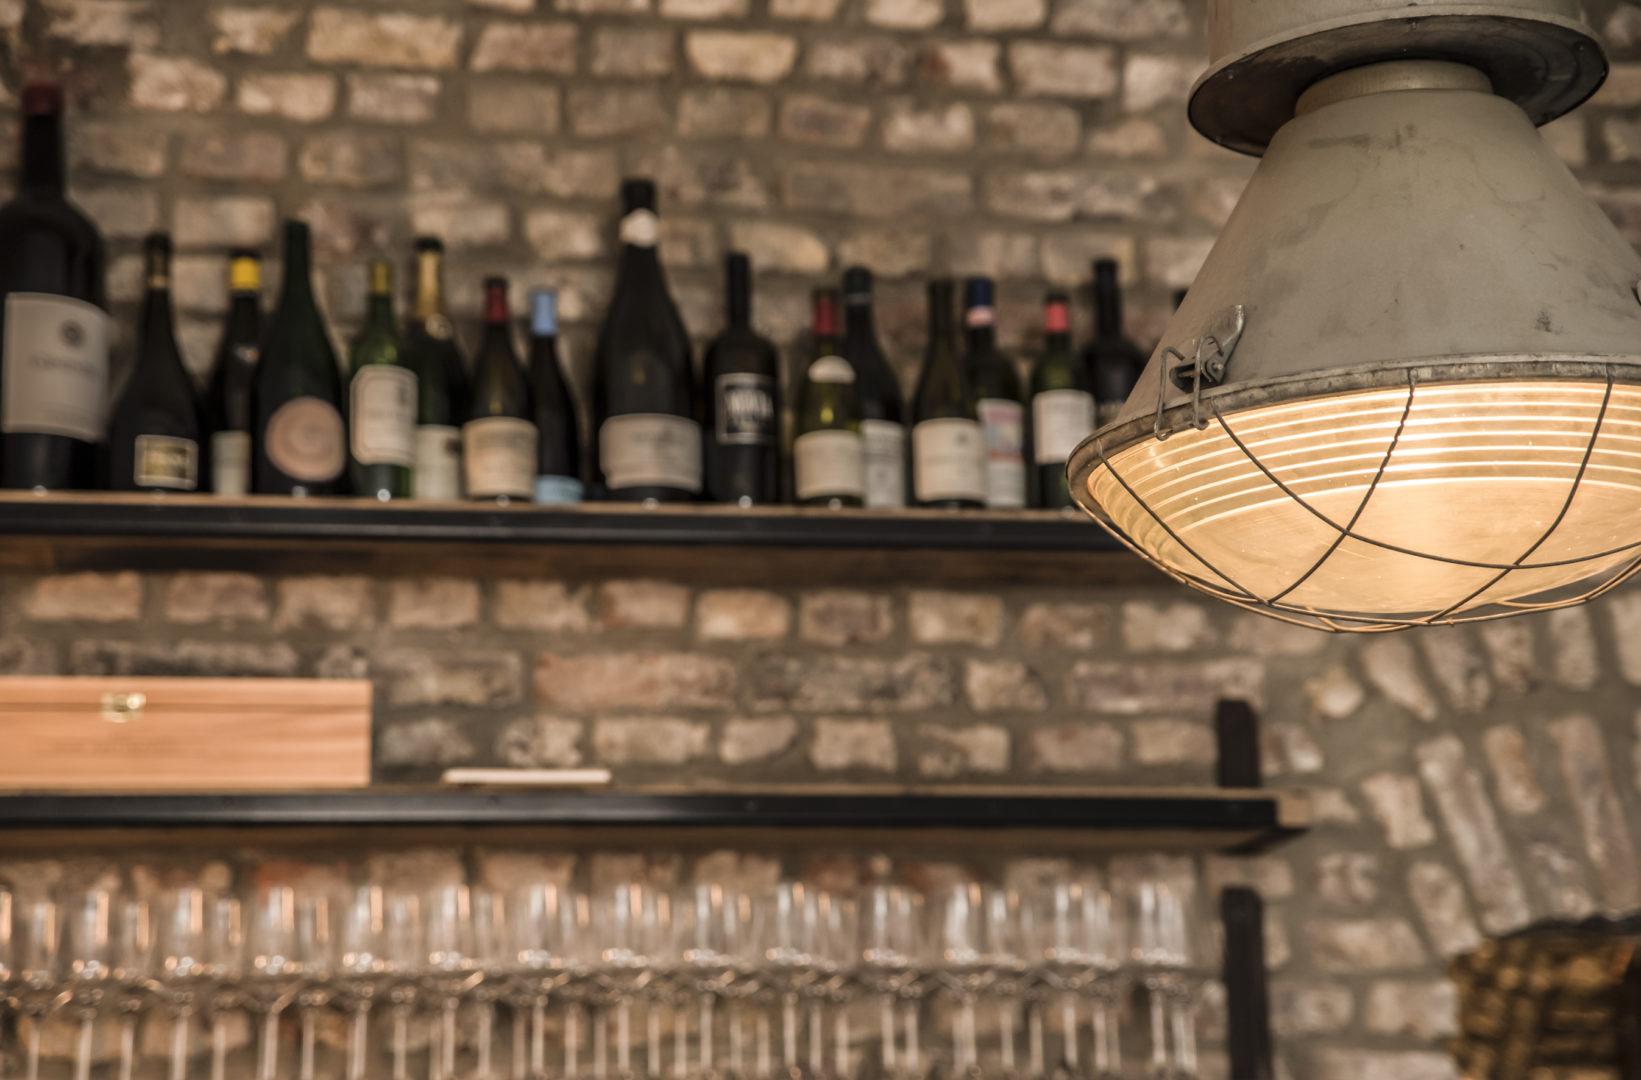 Die Weinbar Eiskeller in Düsseldorf von innen